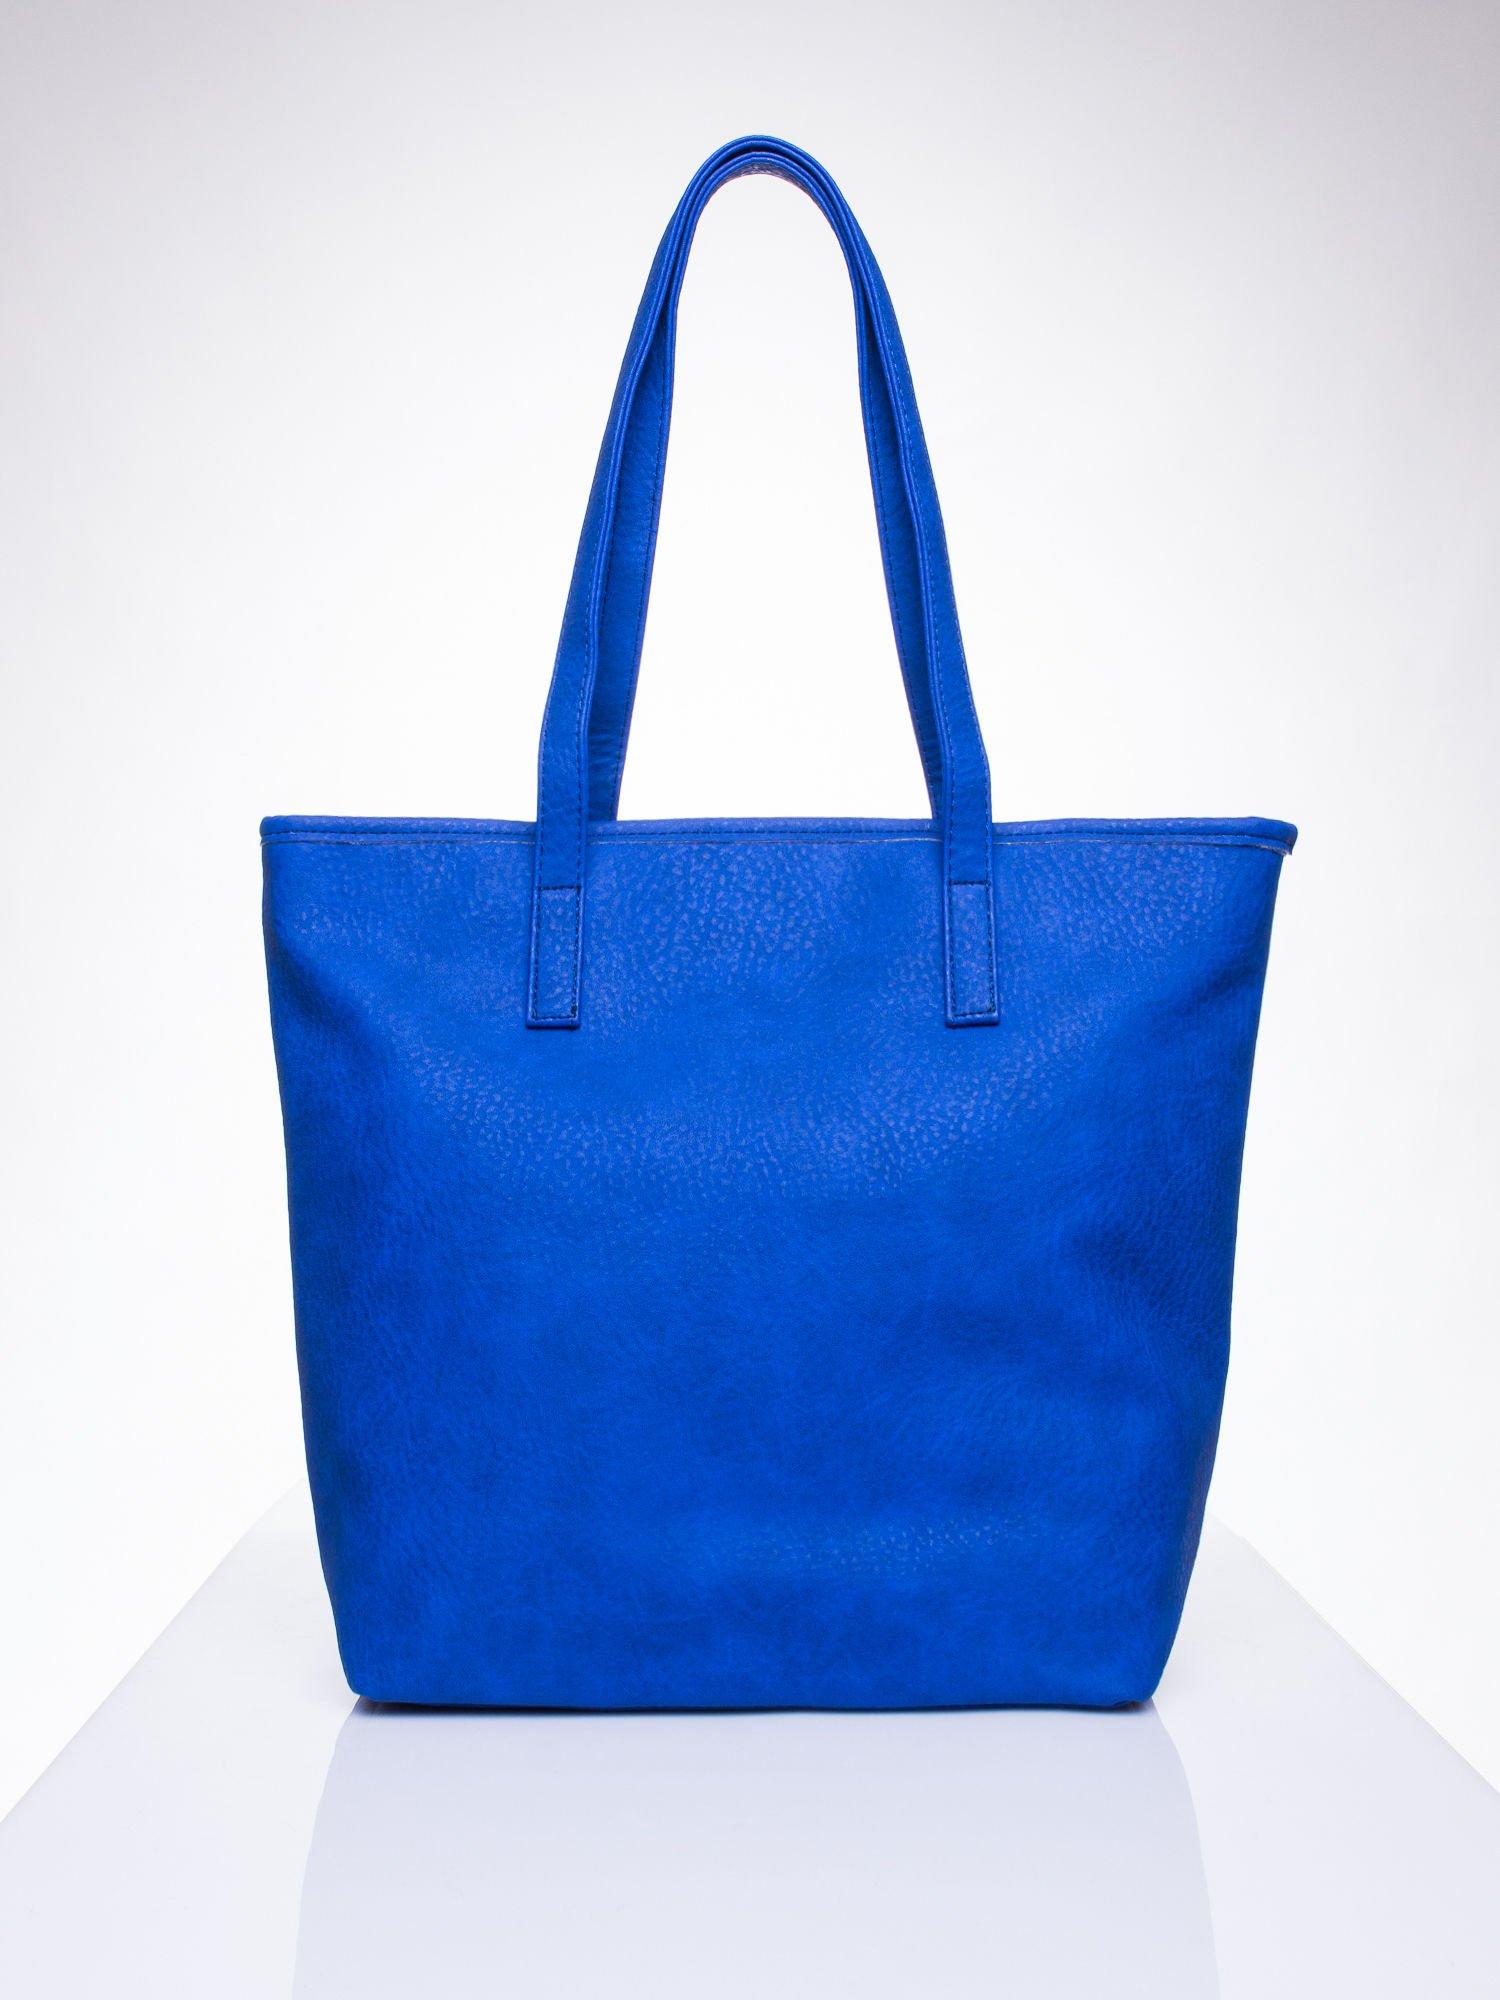 Niebieska torebka shopper bag z kokardką                                  zdj.                                  4